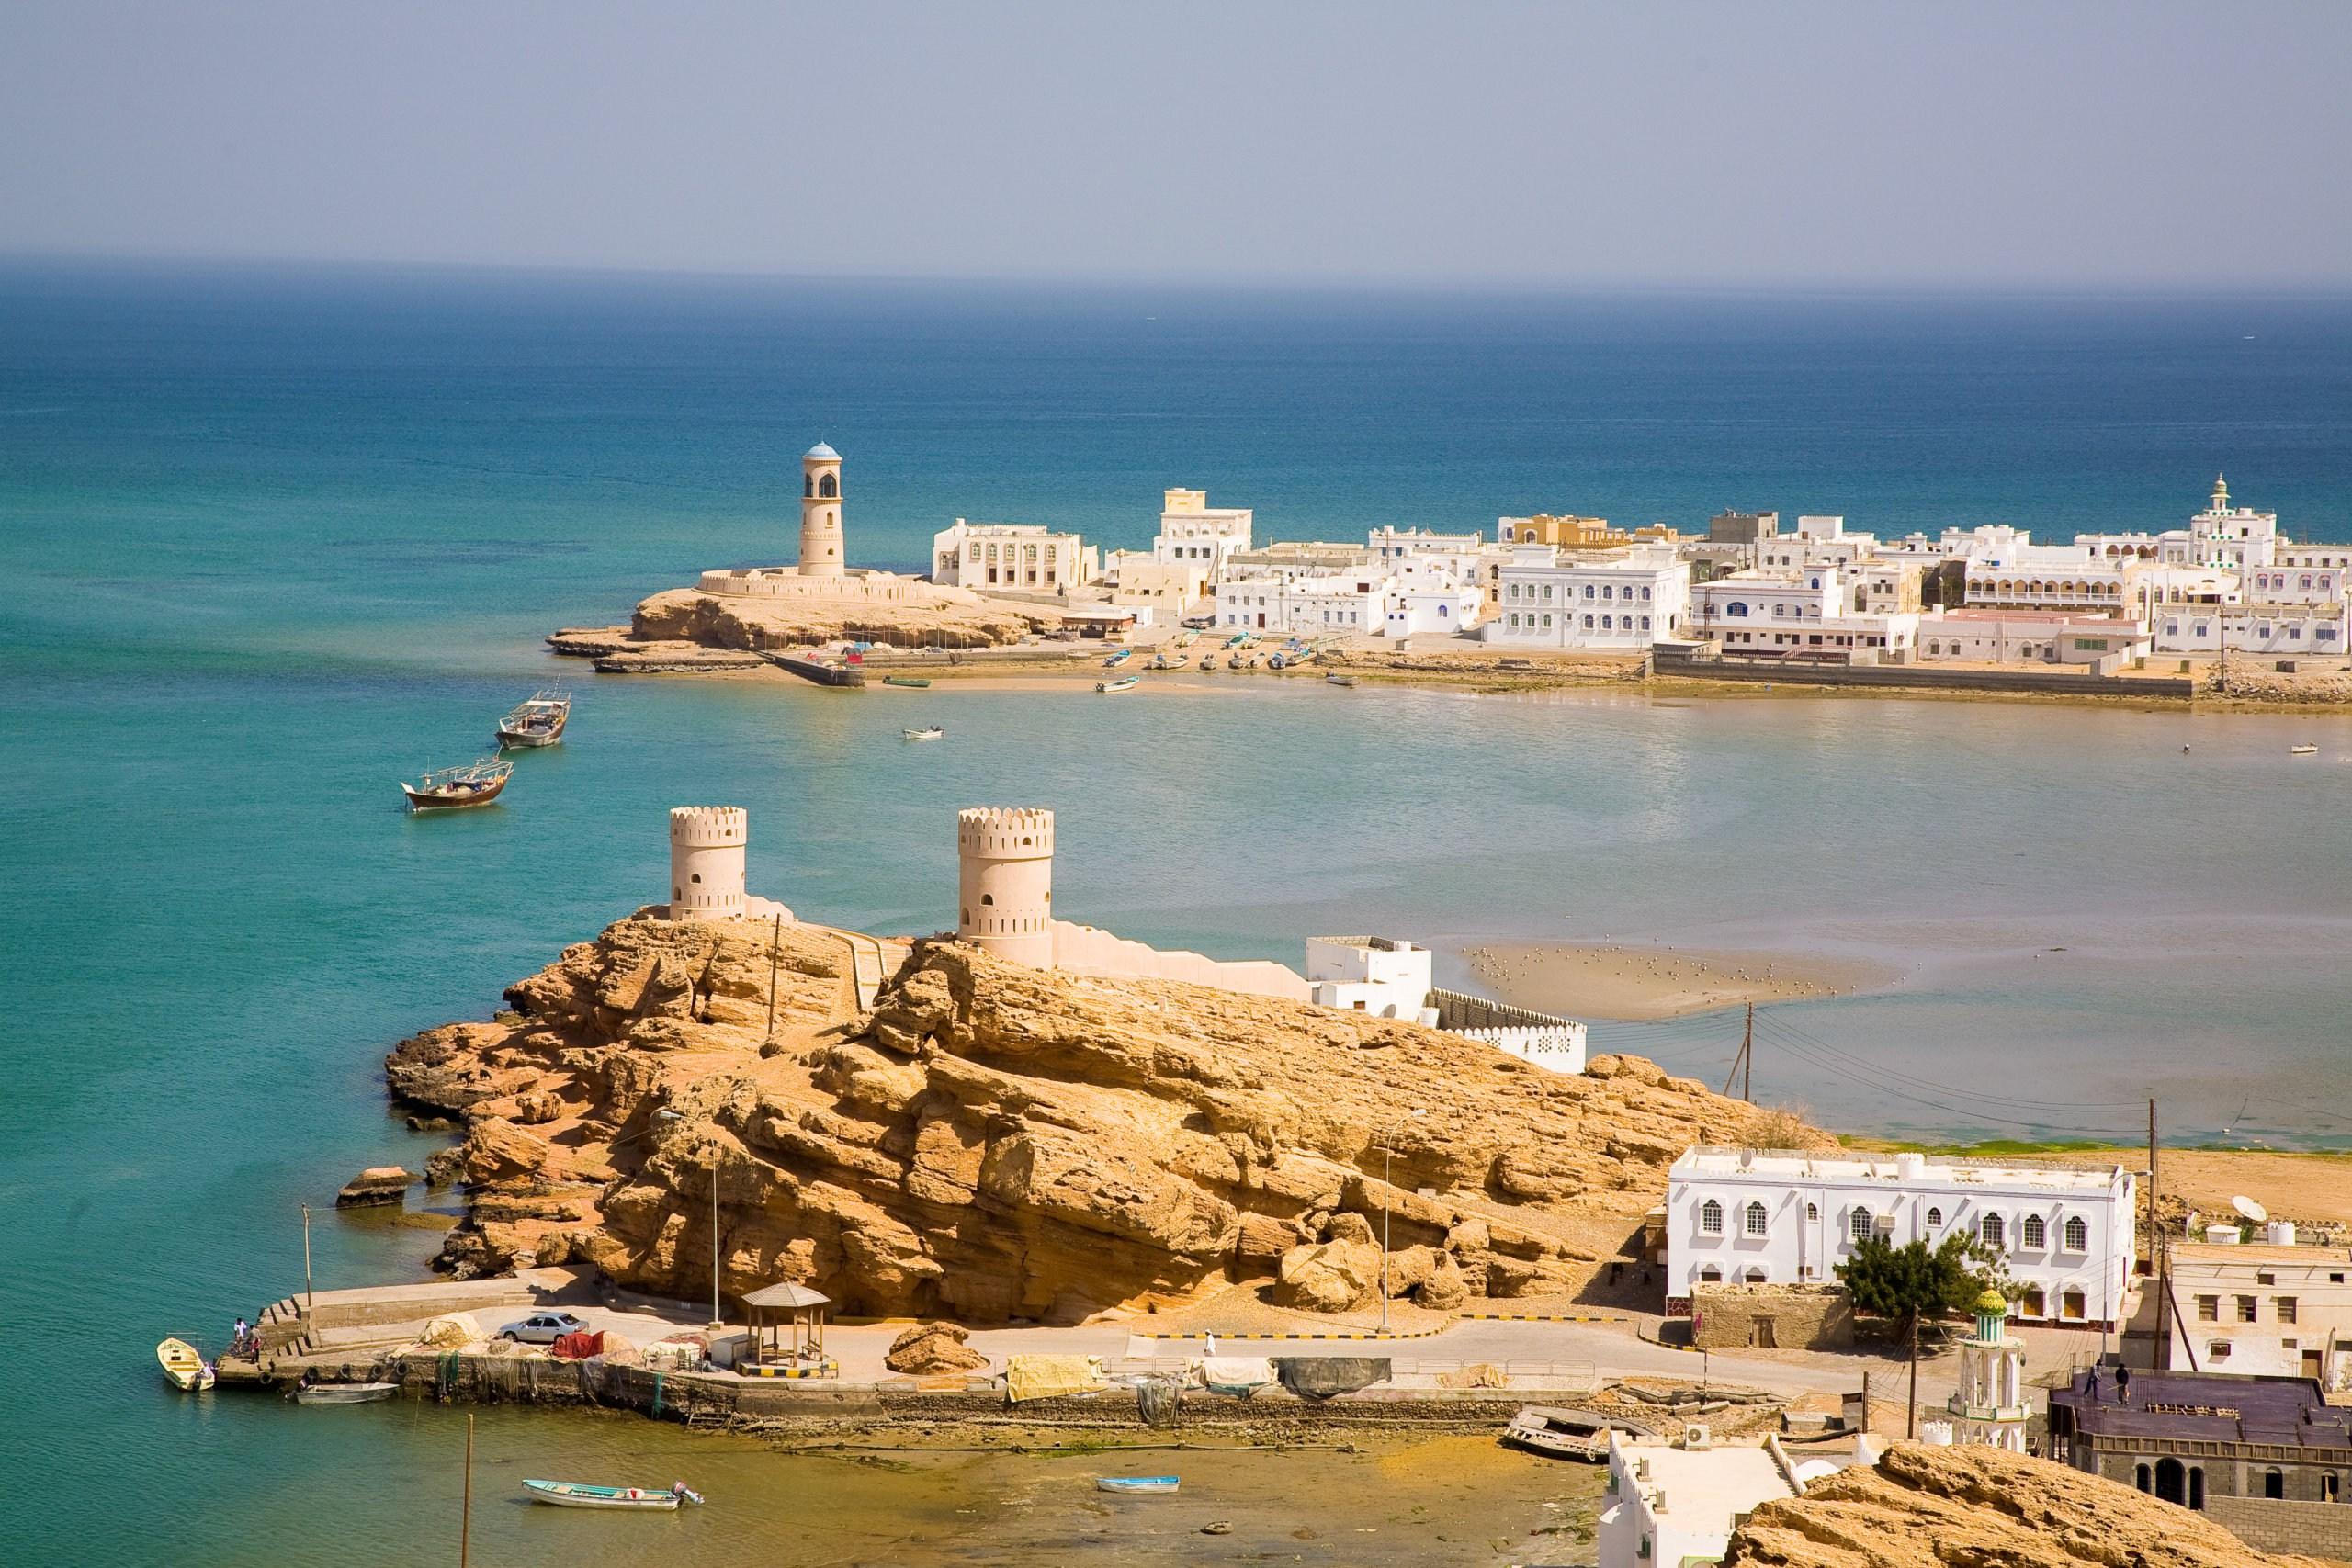 Un nouveau visa électronique à 11 euros pour visiter Oman © Andries Oudshoorn